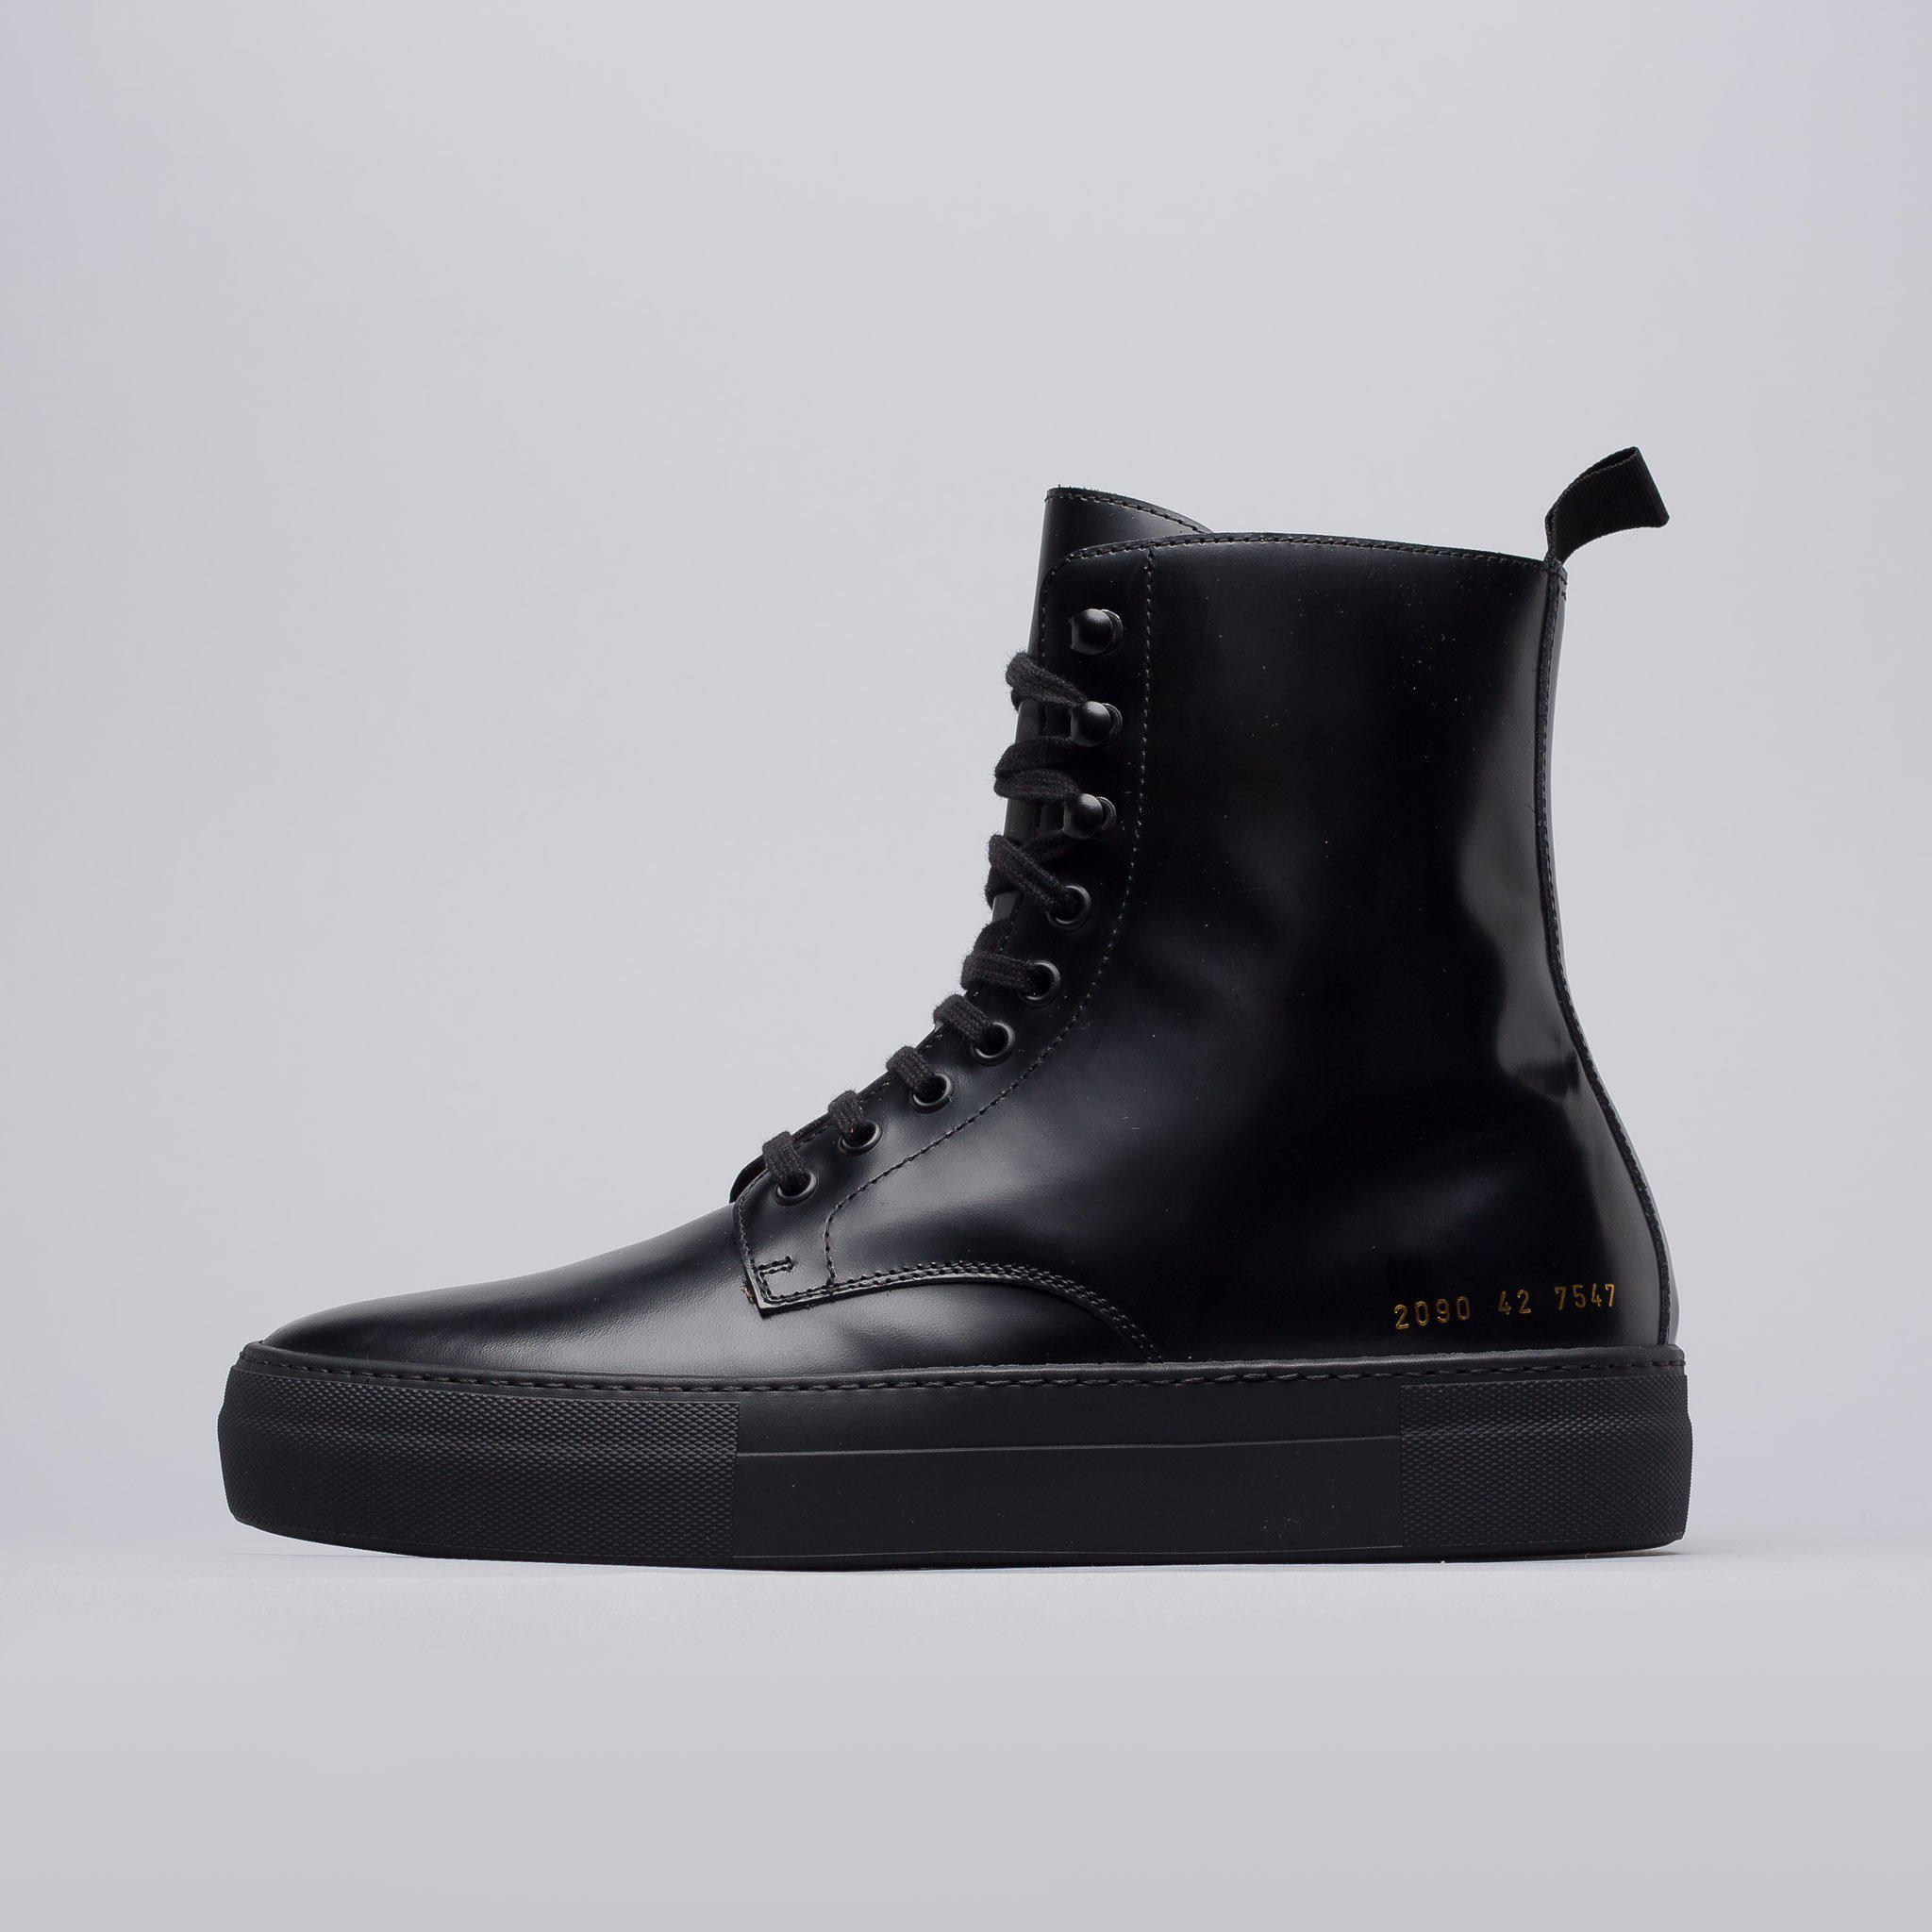 4bf32de968d3d Lyst - Robert Geller X Common Projects Combat Boots In Black in ...